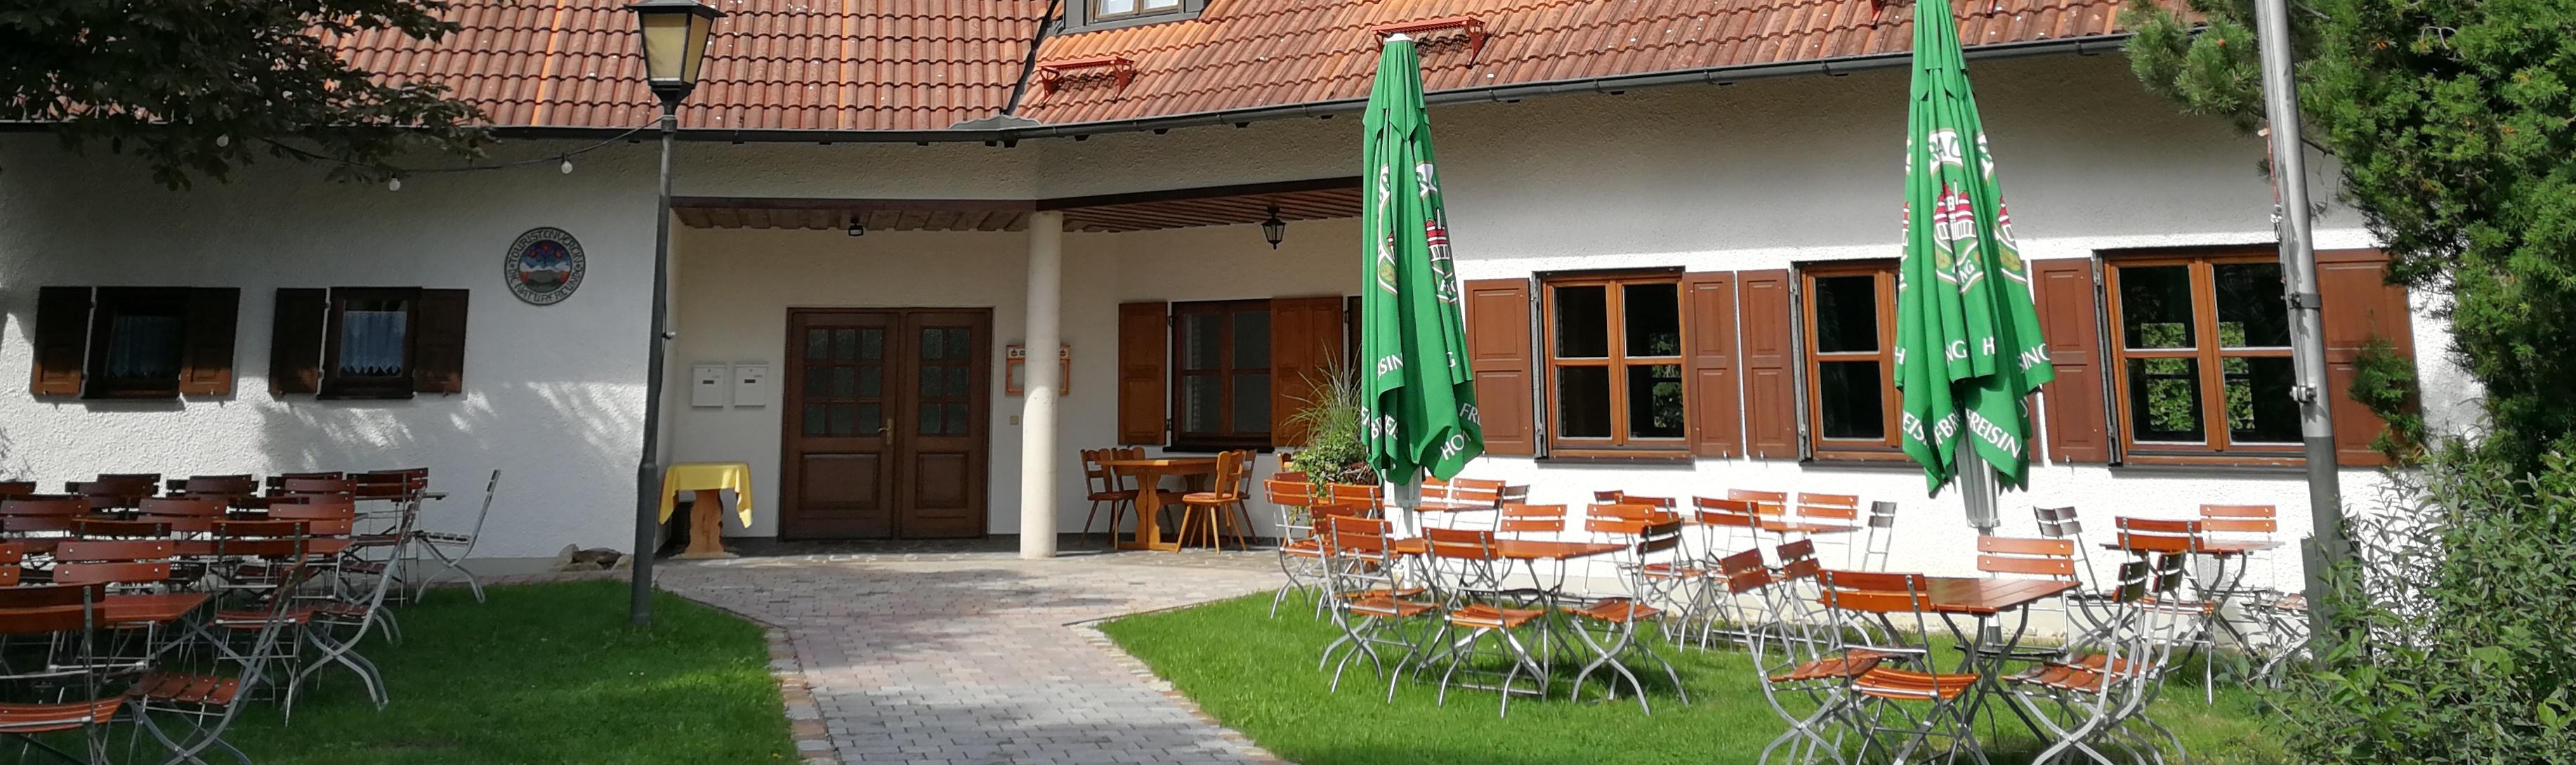 NaturFreunde Pfaffenhofen